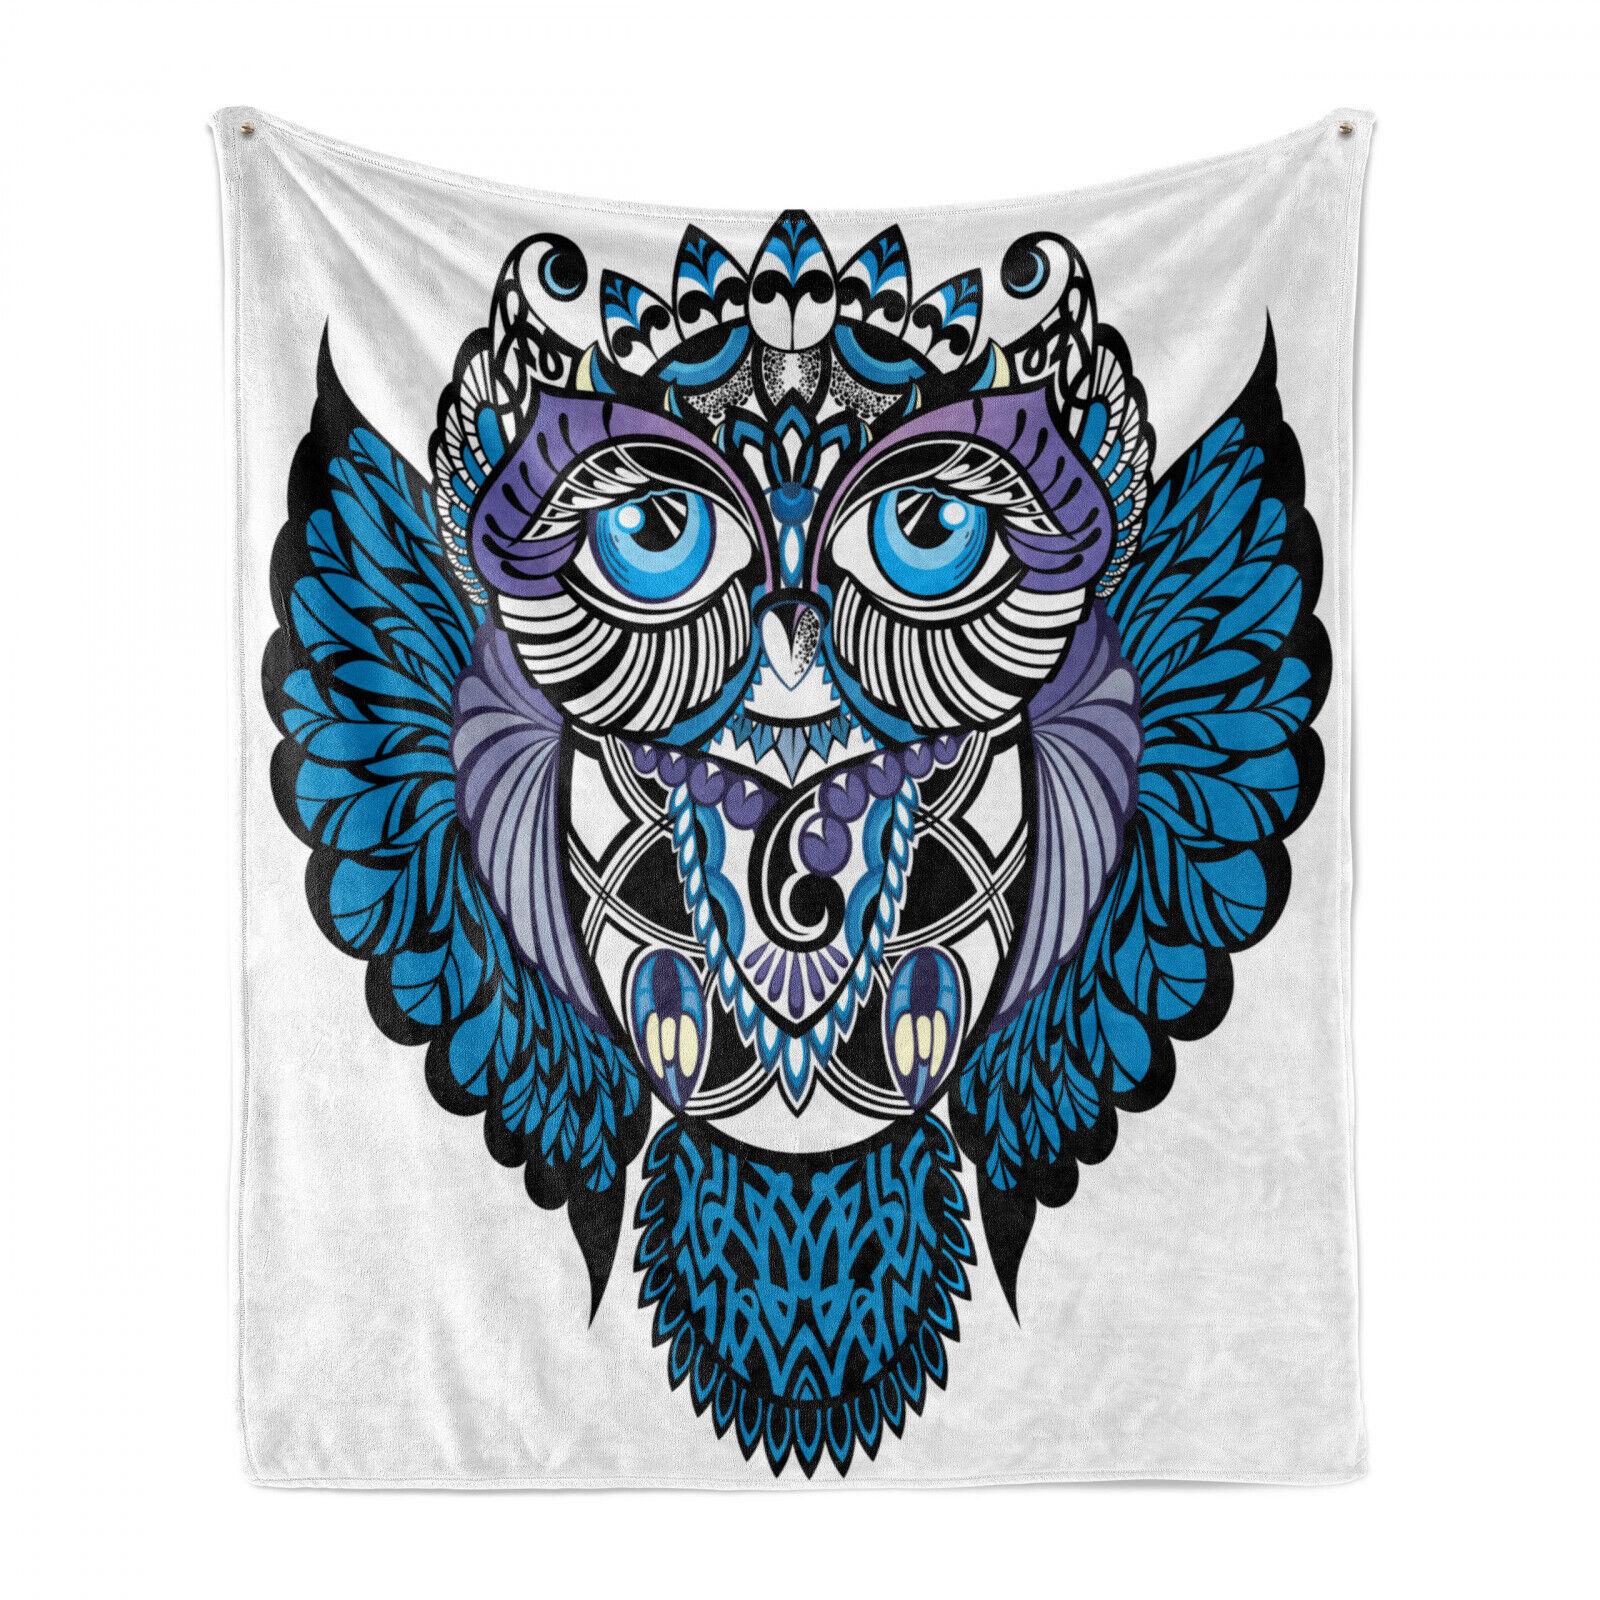 Stammes Weich Flanell Fleece Decke Eulen-Vogel-Tier Tattoo